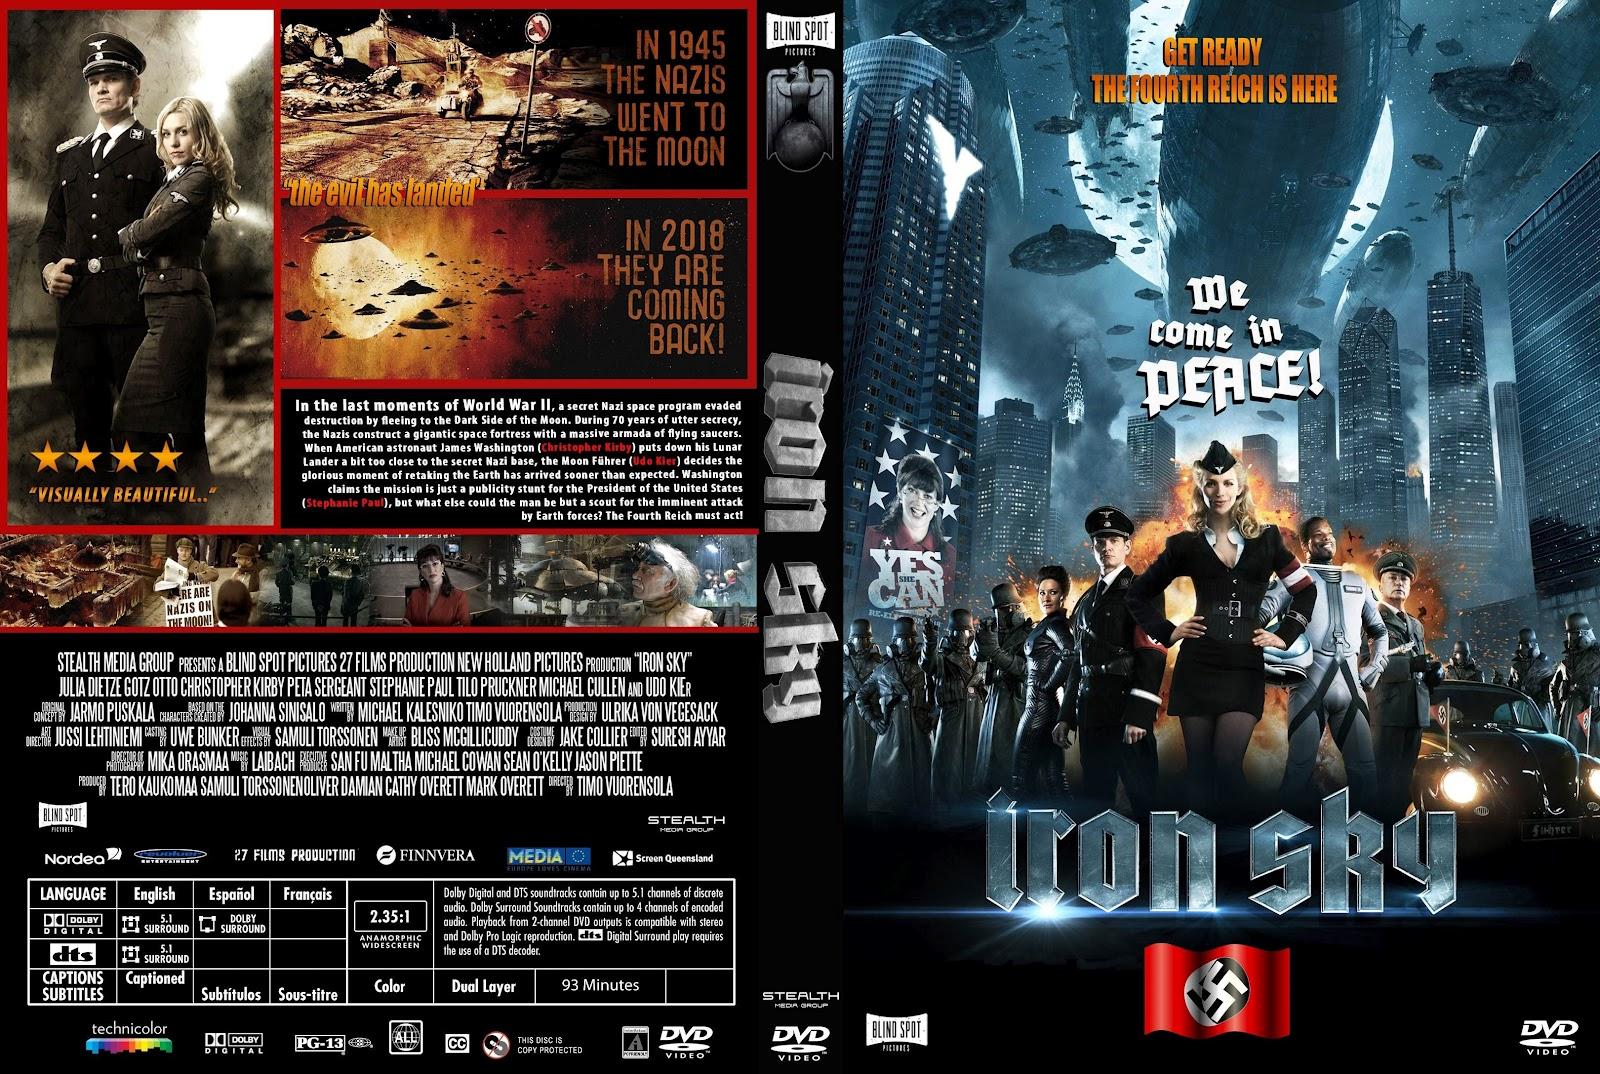 Iron Sky 2018 ทัพเหล็กนาซีถล่มโลก (2012)